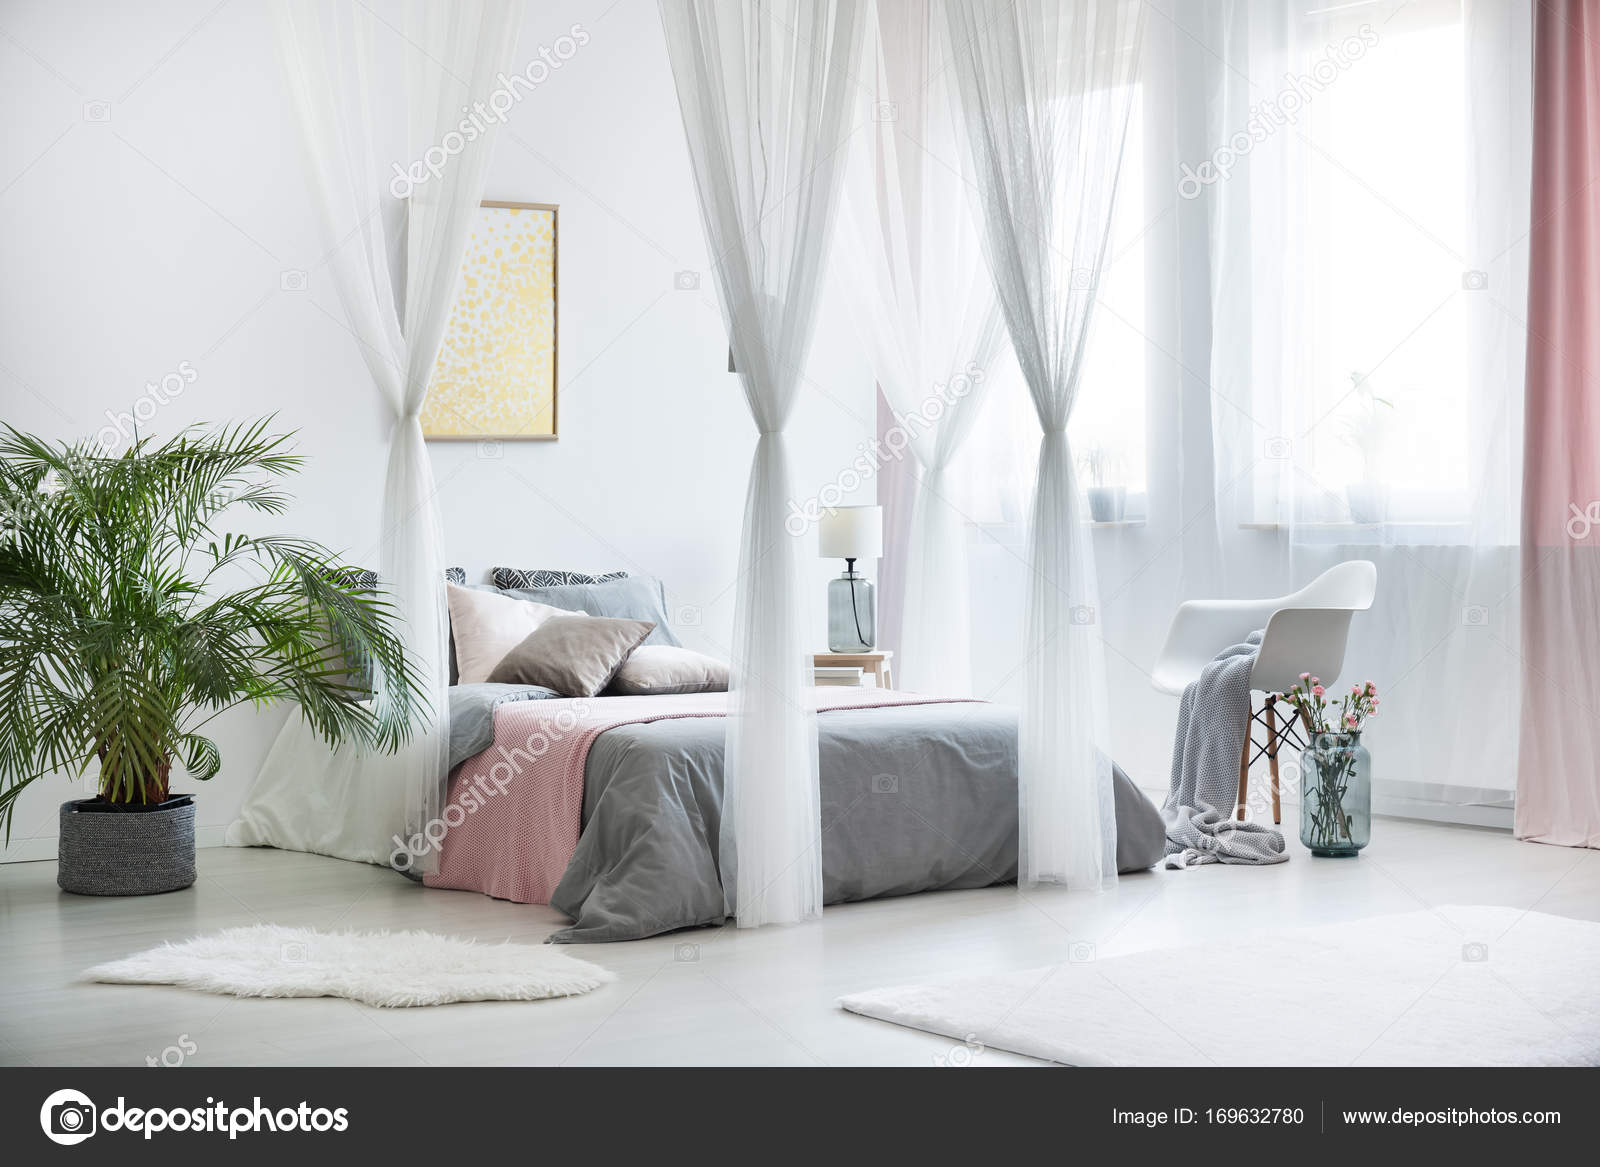 Anspruchsvolle Schlafzimmer Innenraum mit Pflanze — Stockfoto ...